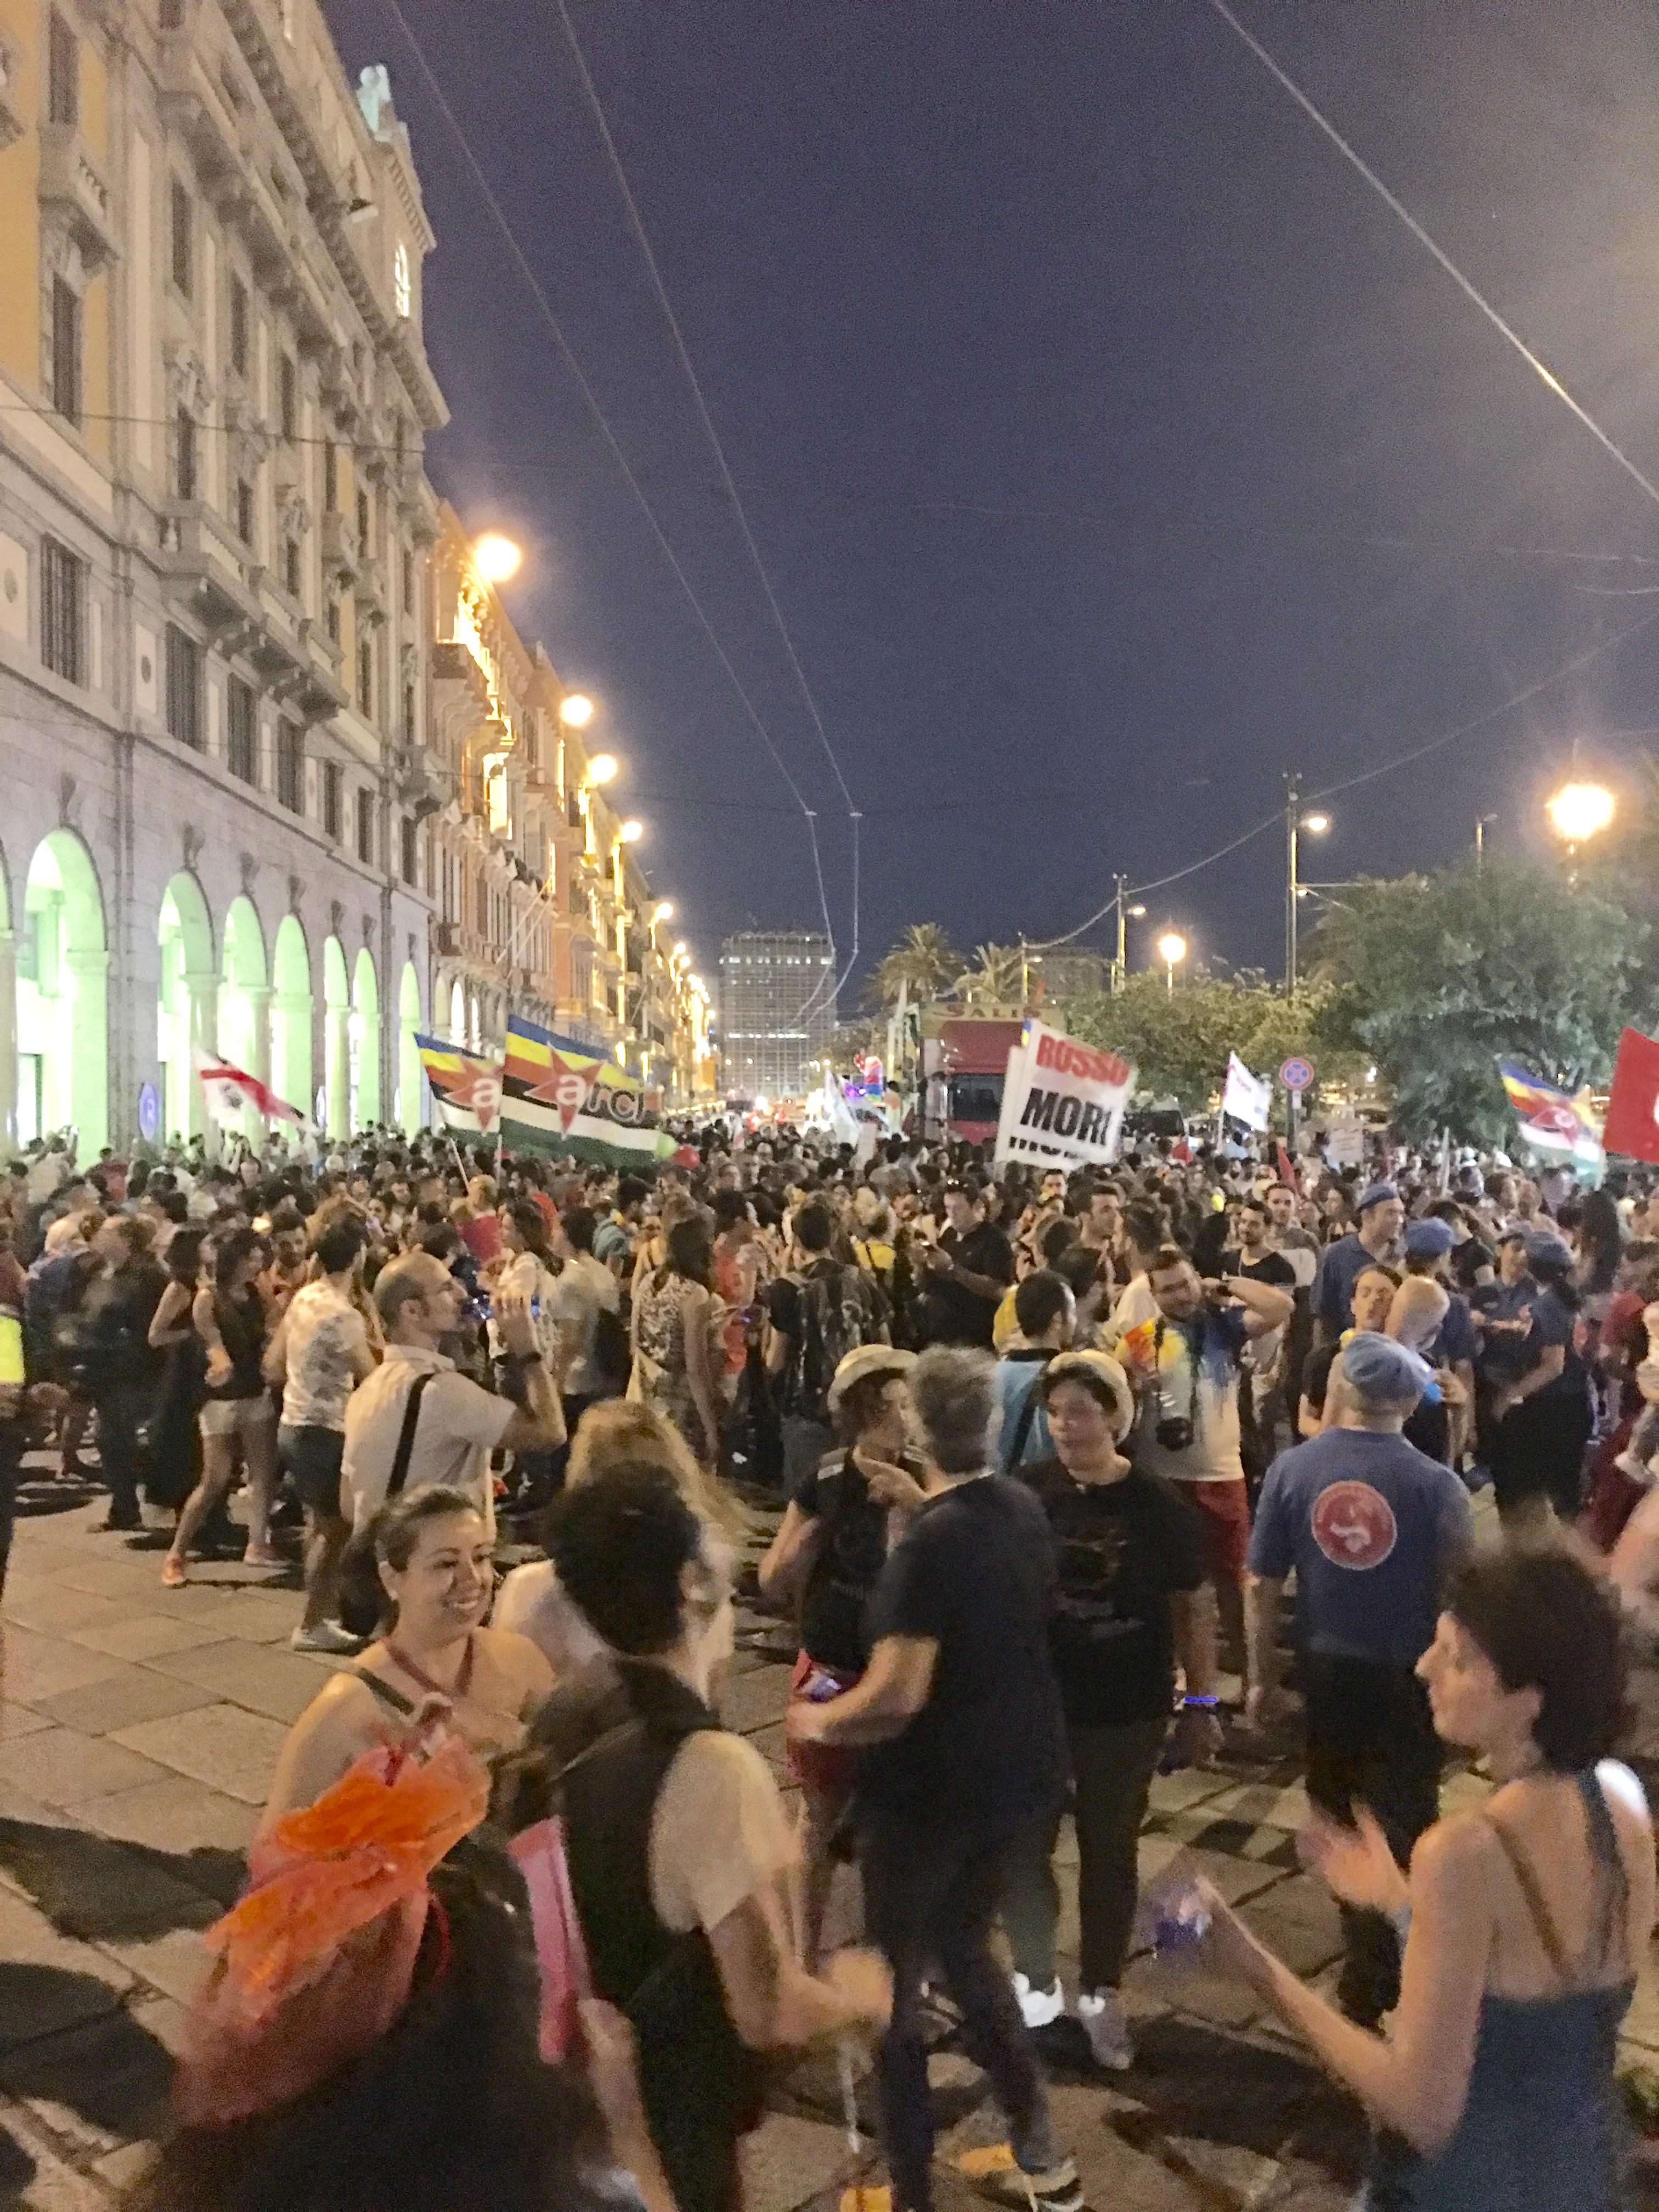 Sardegna Pride 2016, il corteo in via Roma a Cagliari.